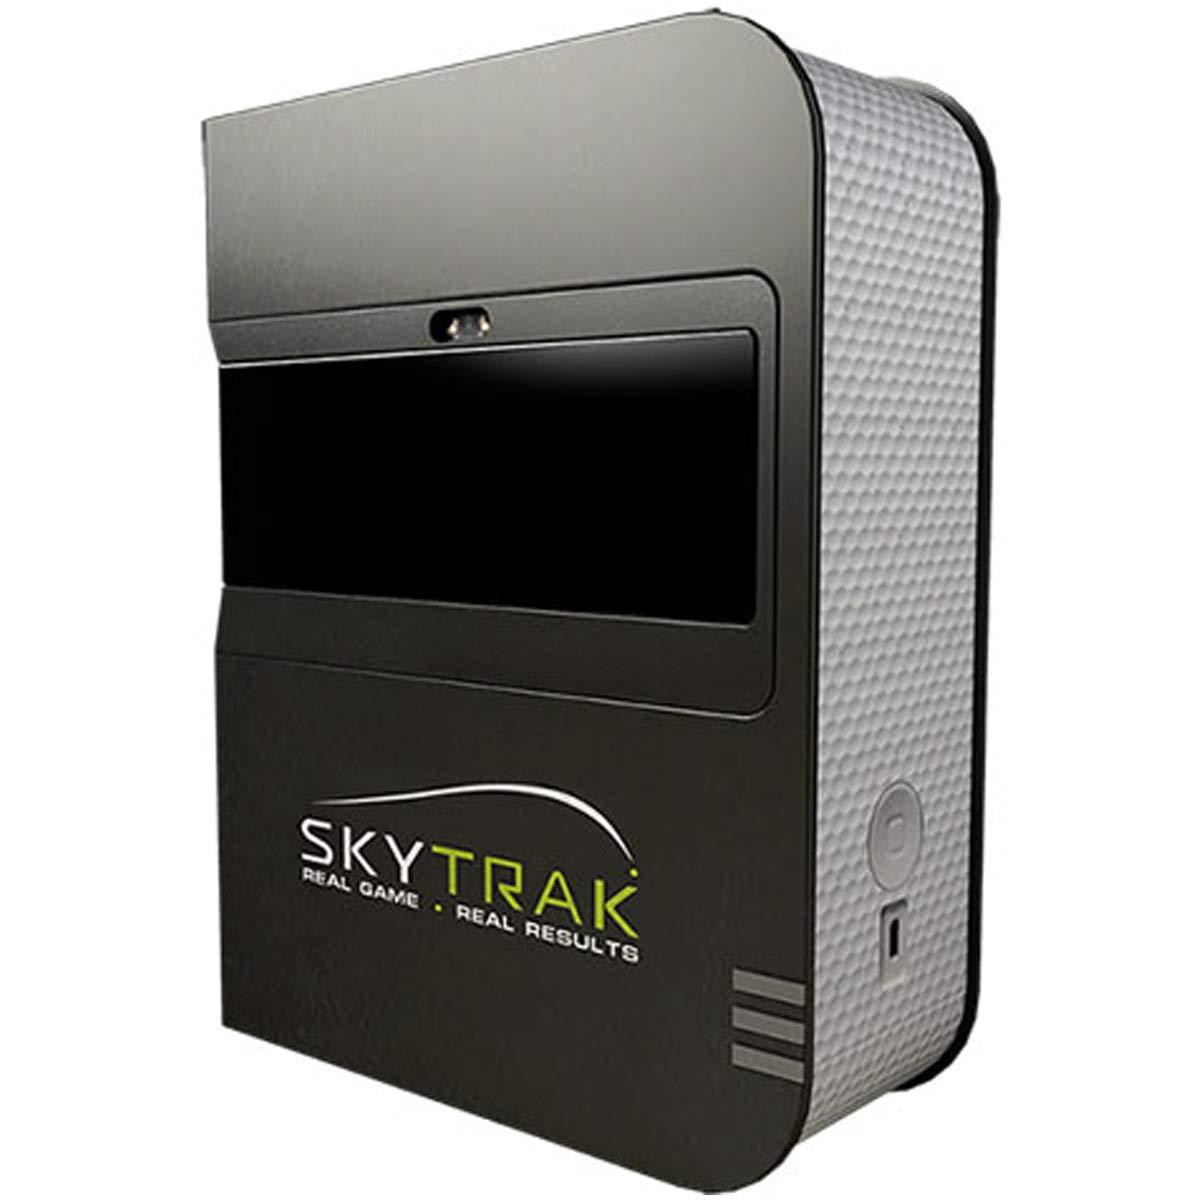 スカイトラック(Skytrak) スイング練習機 SKYTRAK スカイトラック 弾道測定機 B01M3PYGAD